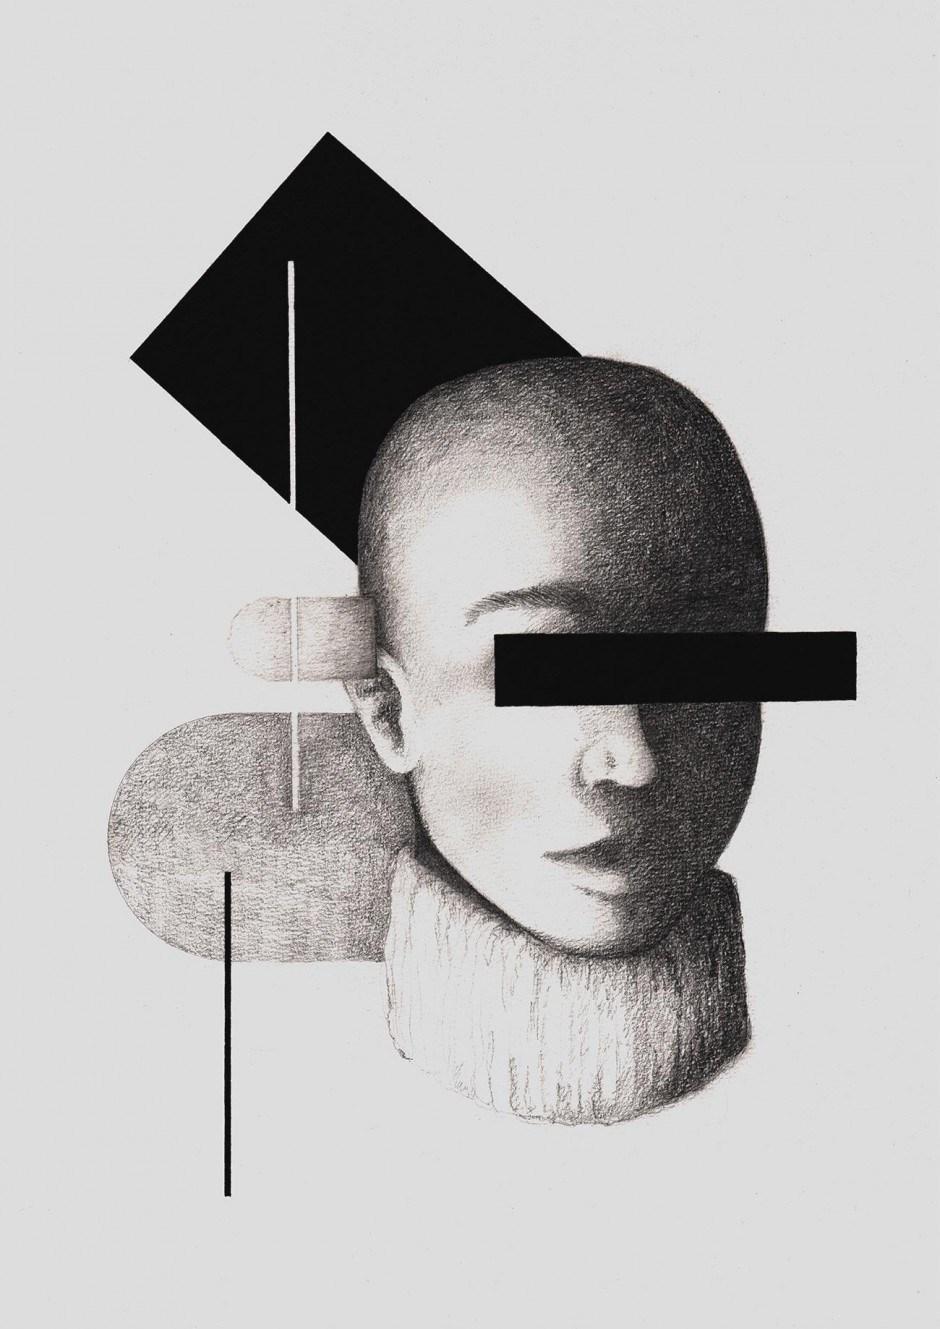 Das Buch »Contemporary Danish Illustration«, erschienen beim Arvinius Verlag in Stockholm, stellt 32 herausragende Illustratoren aus Dänemark vor. Darunter Caroline Sillesen